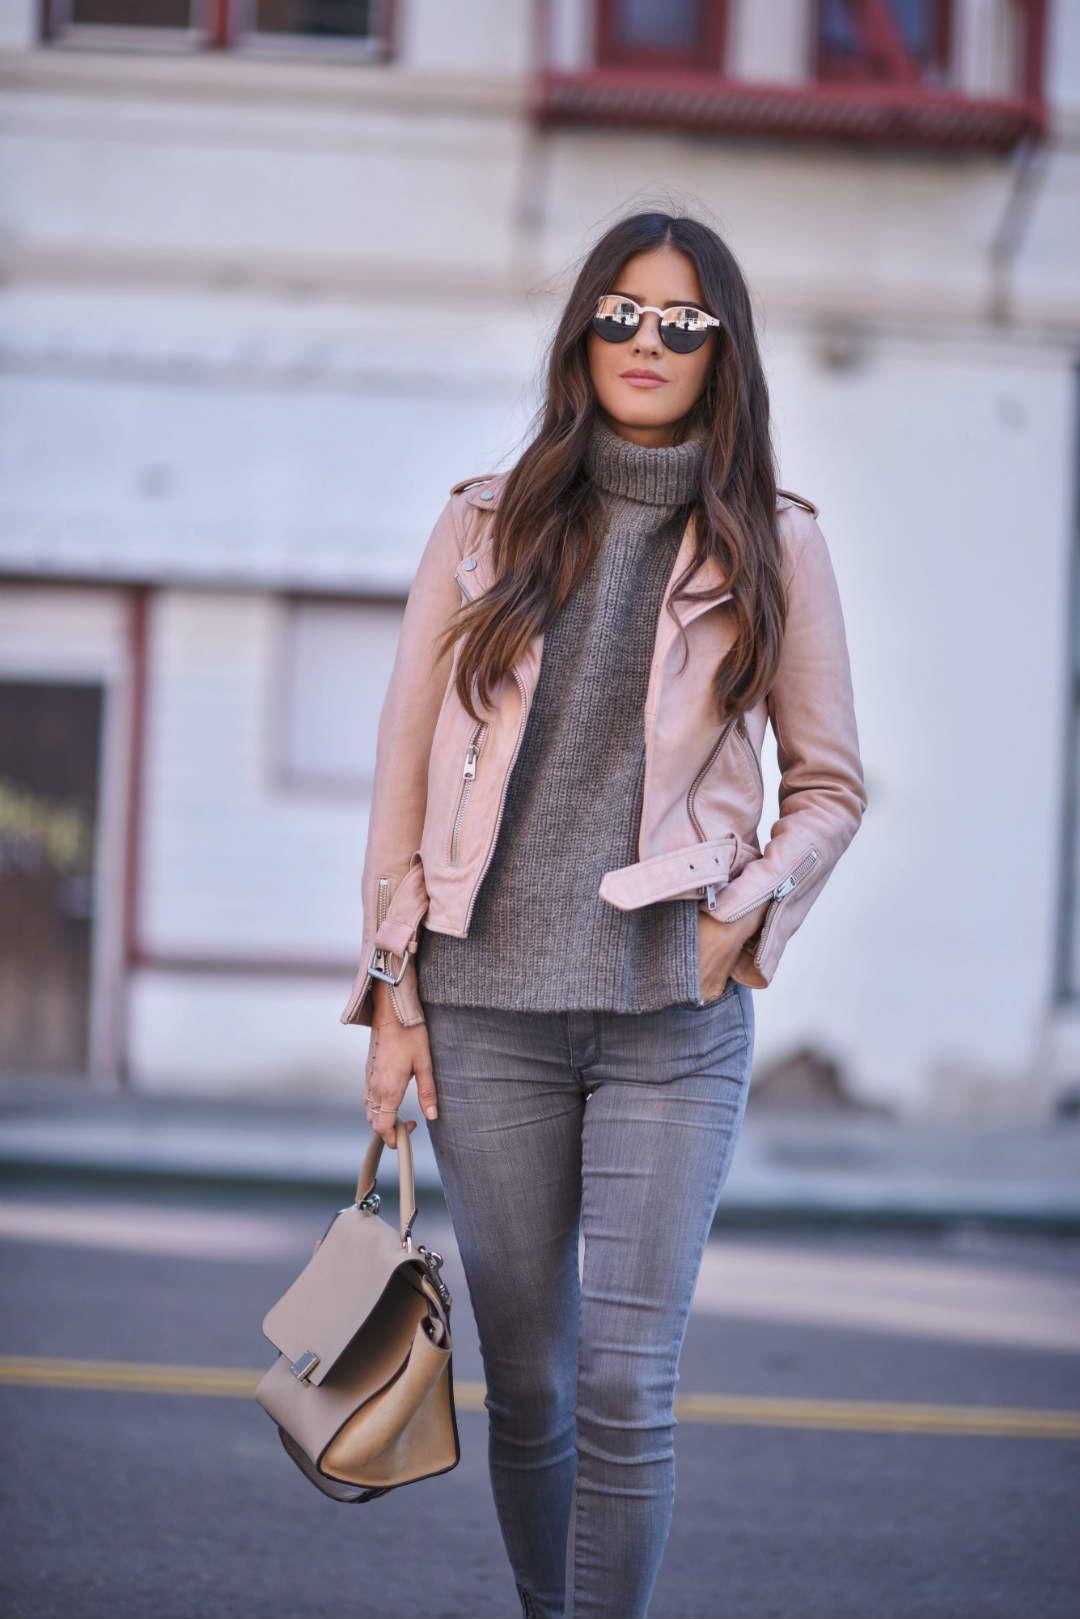 На фото: курточка пастельно-розового цвета - самый модный цвет сезона.